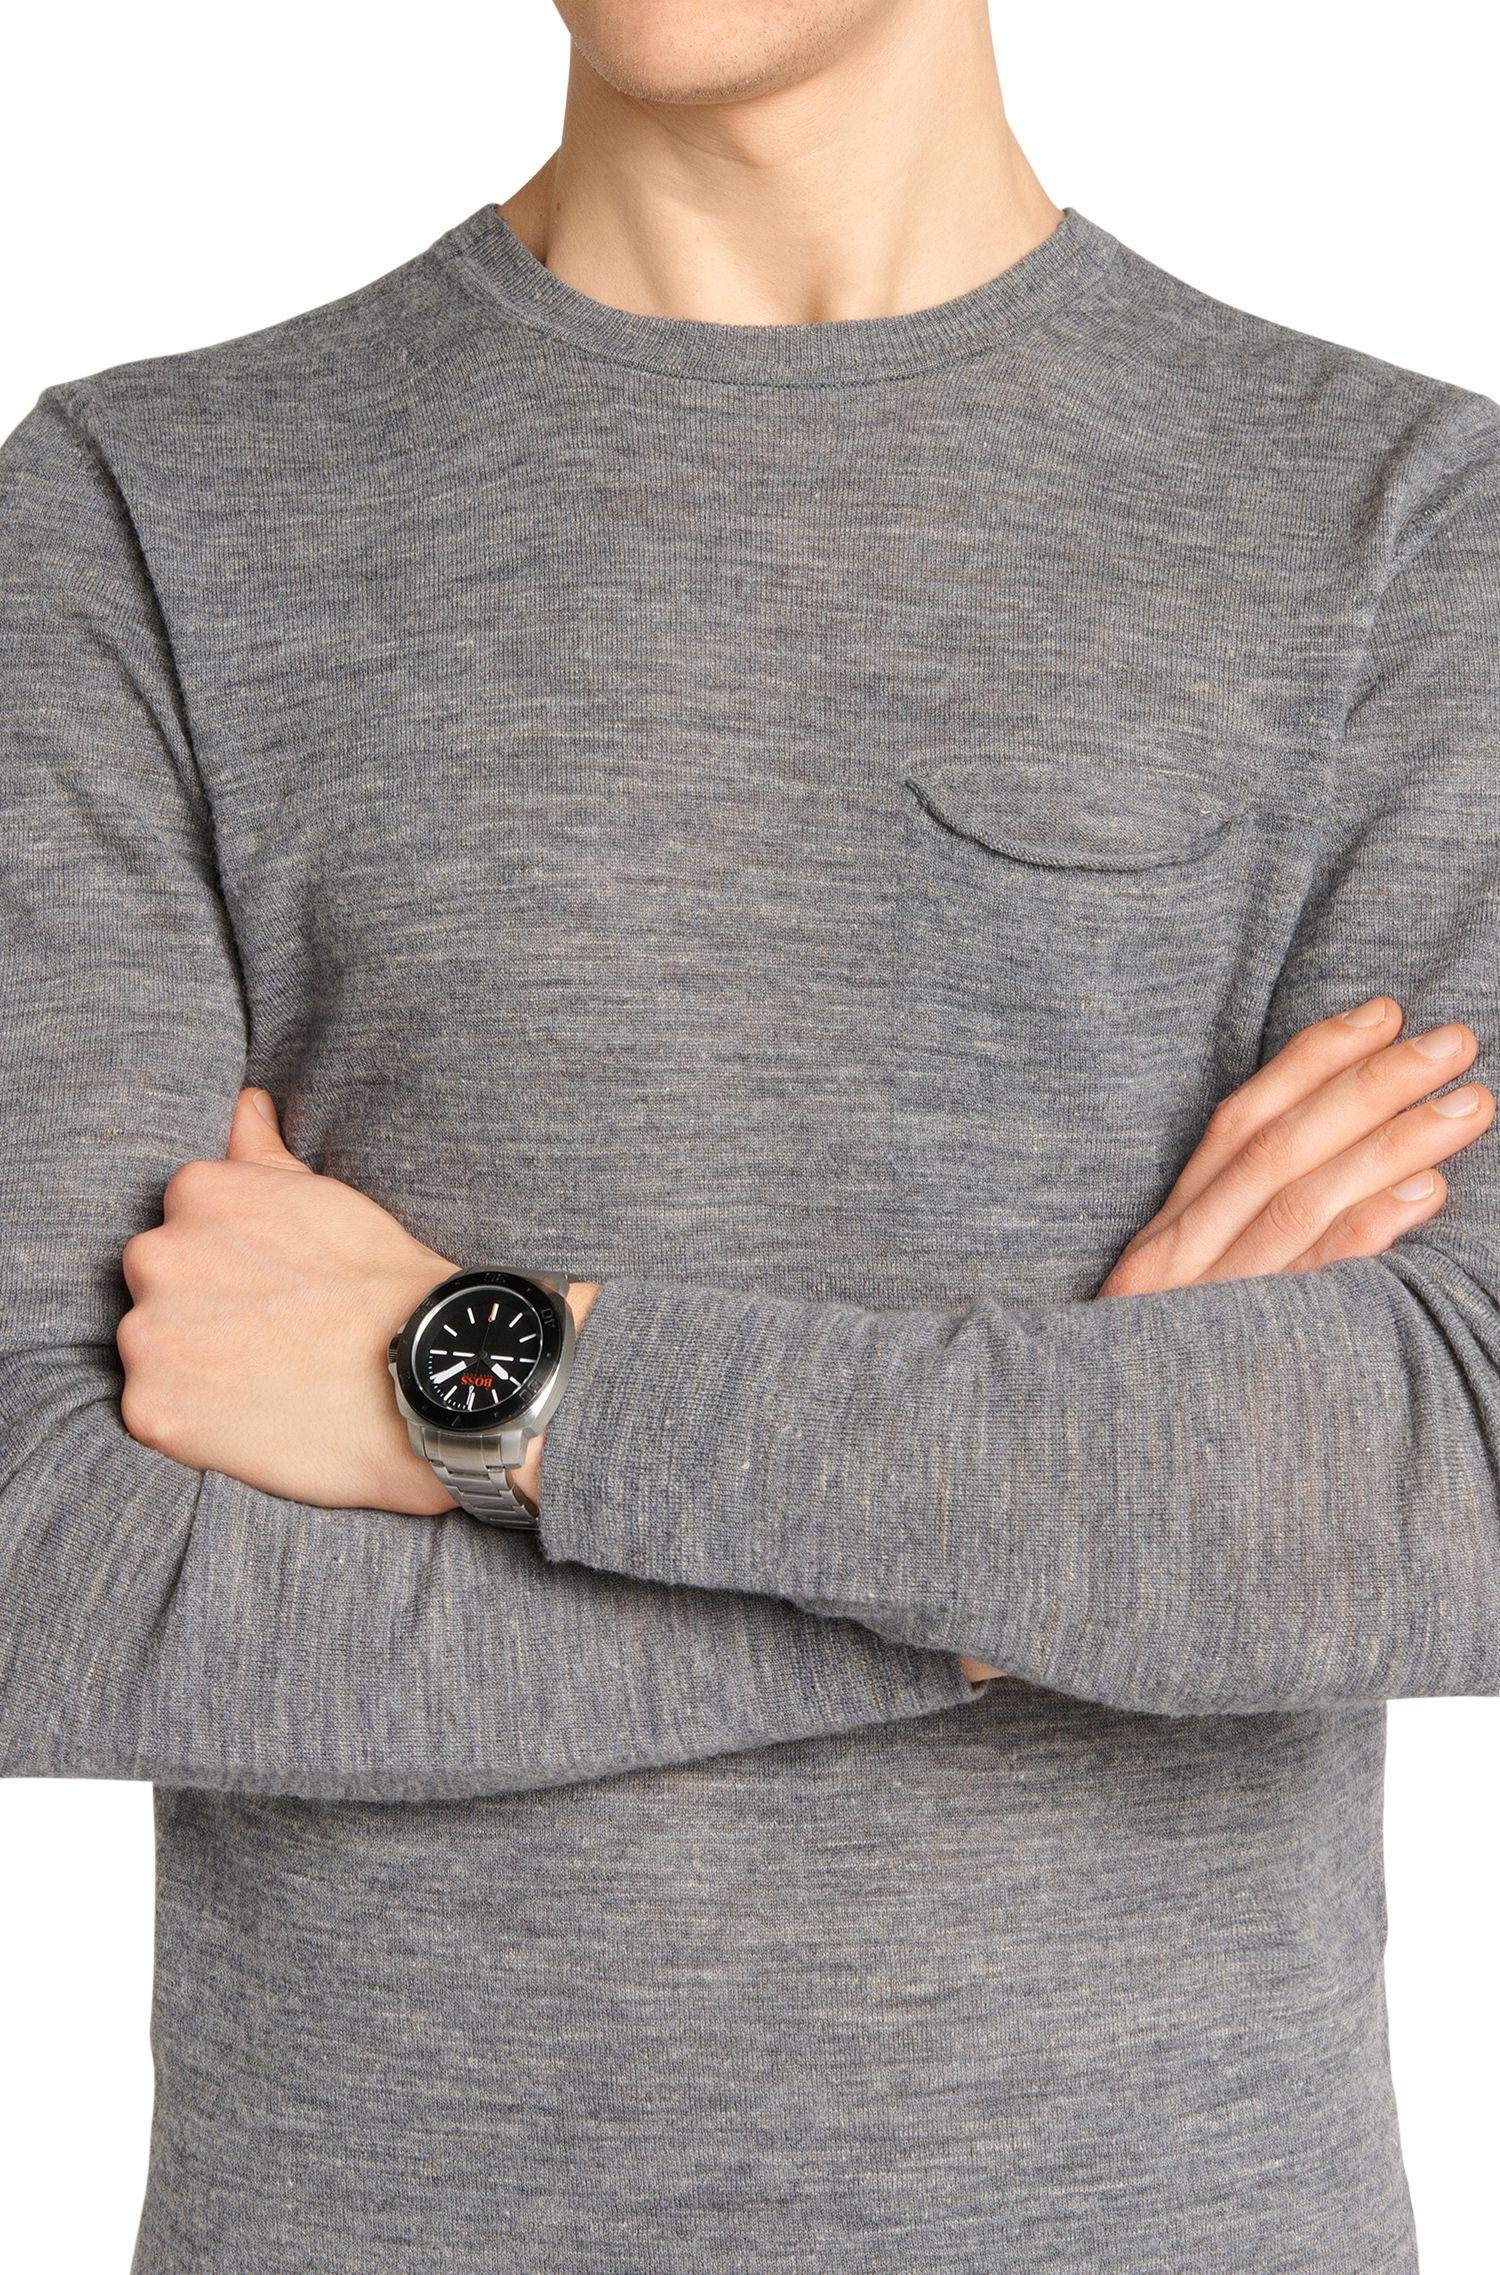 Drei-Zeiger-Uhr aus Edelstahl mit Gliederarmband: 'HB1431'